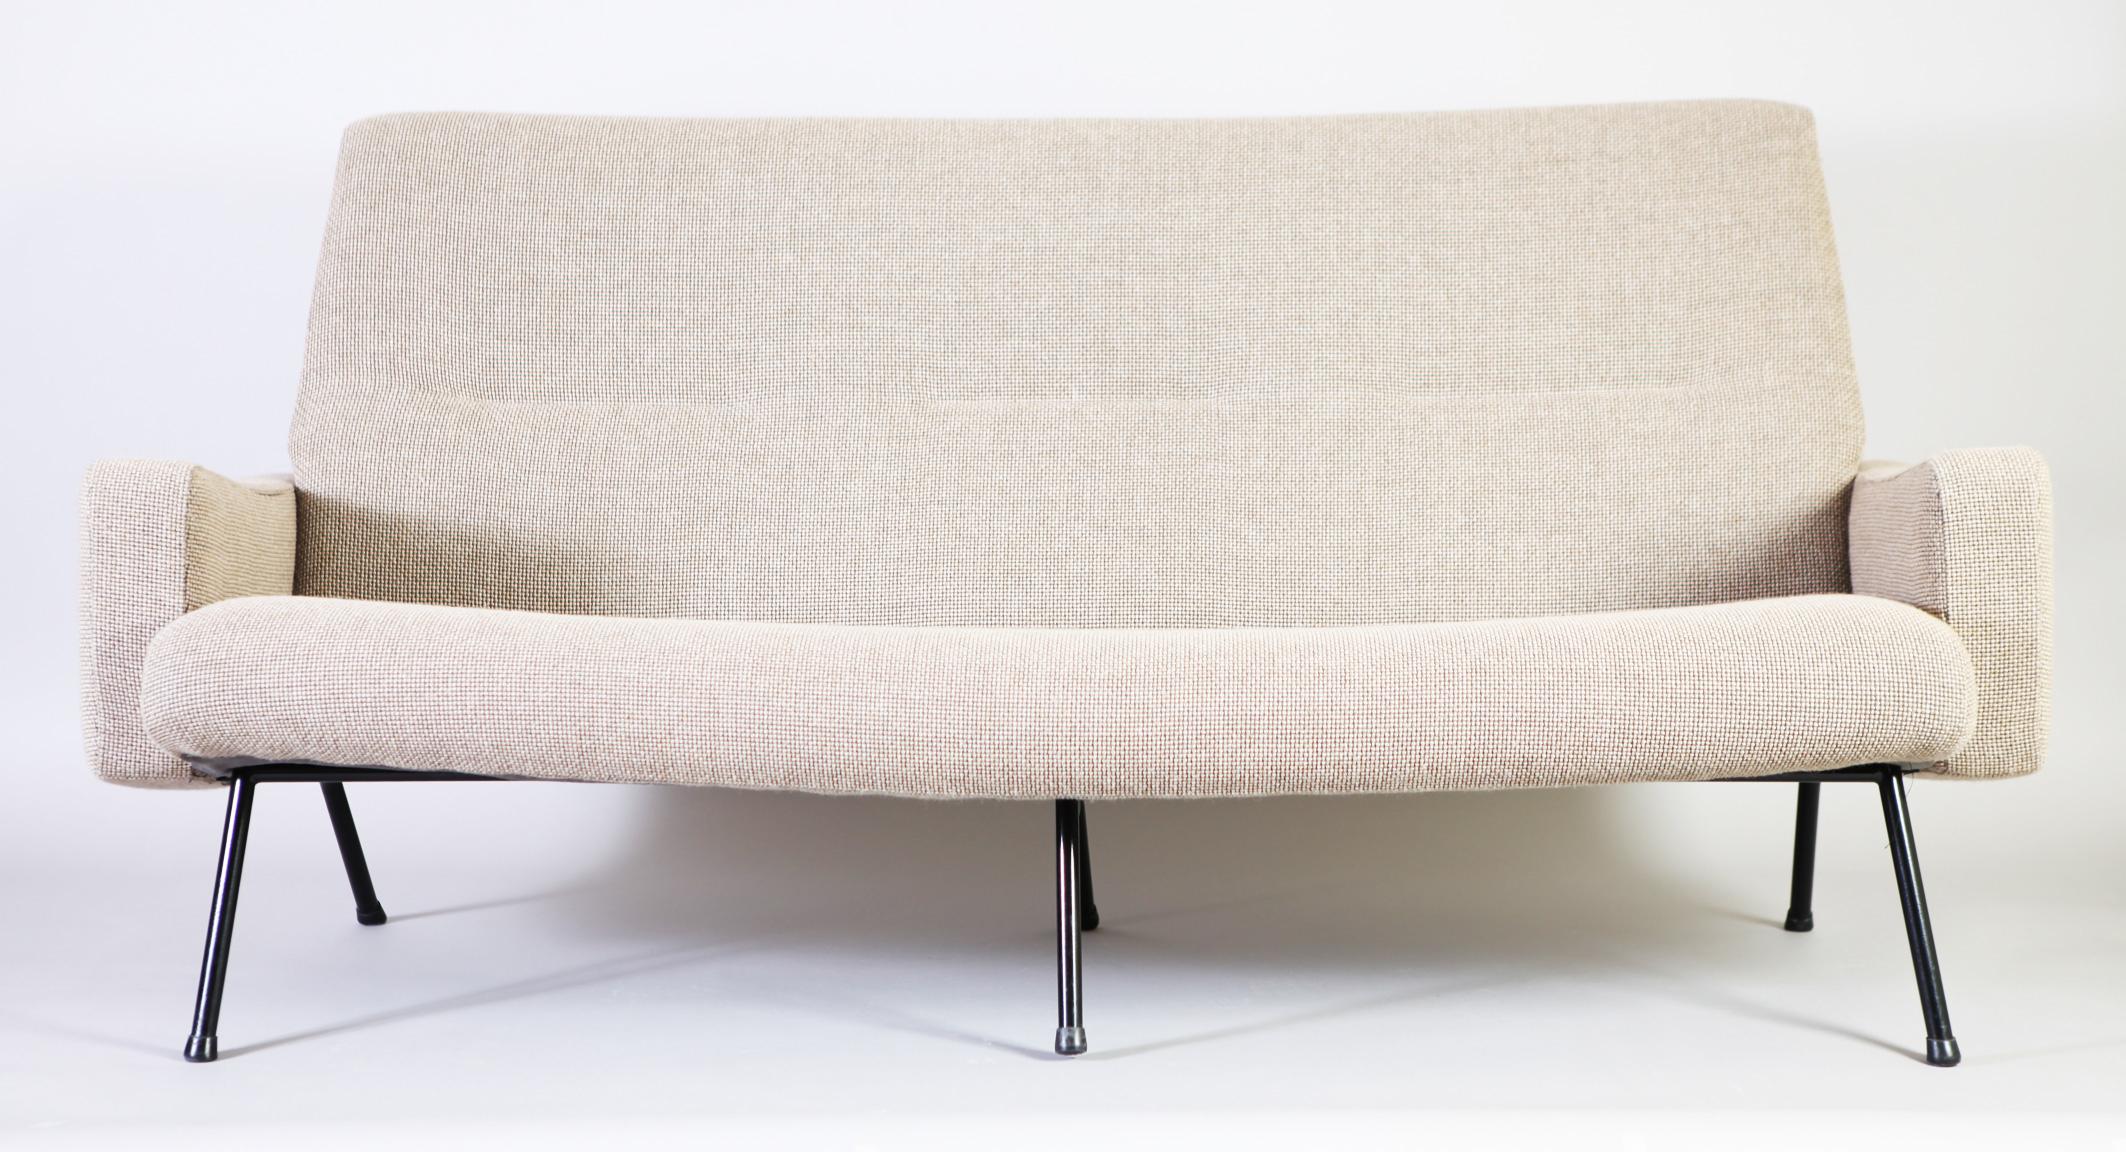 Collection Of Design Mobilier 1950-2000 - Vintage Et ... tout Canape Joseph